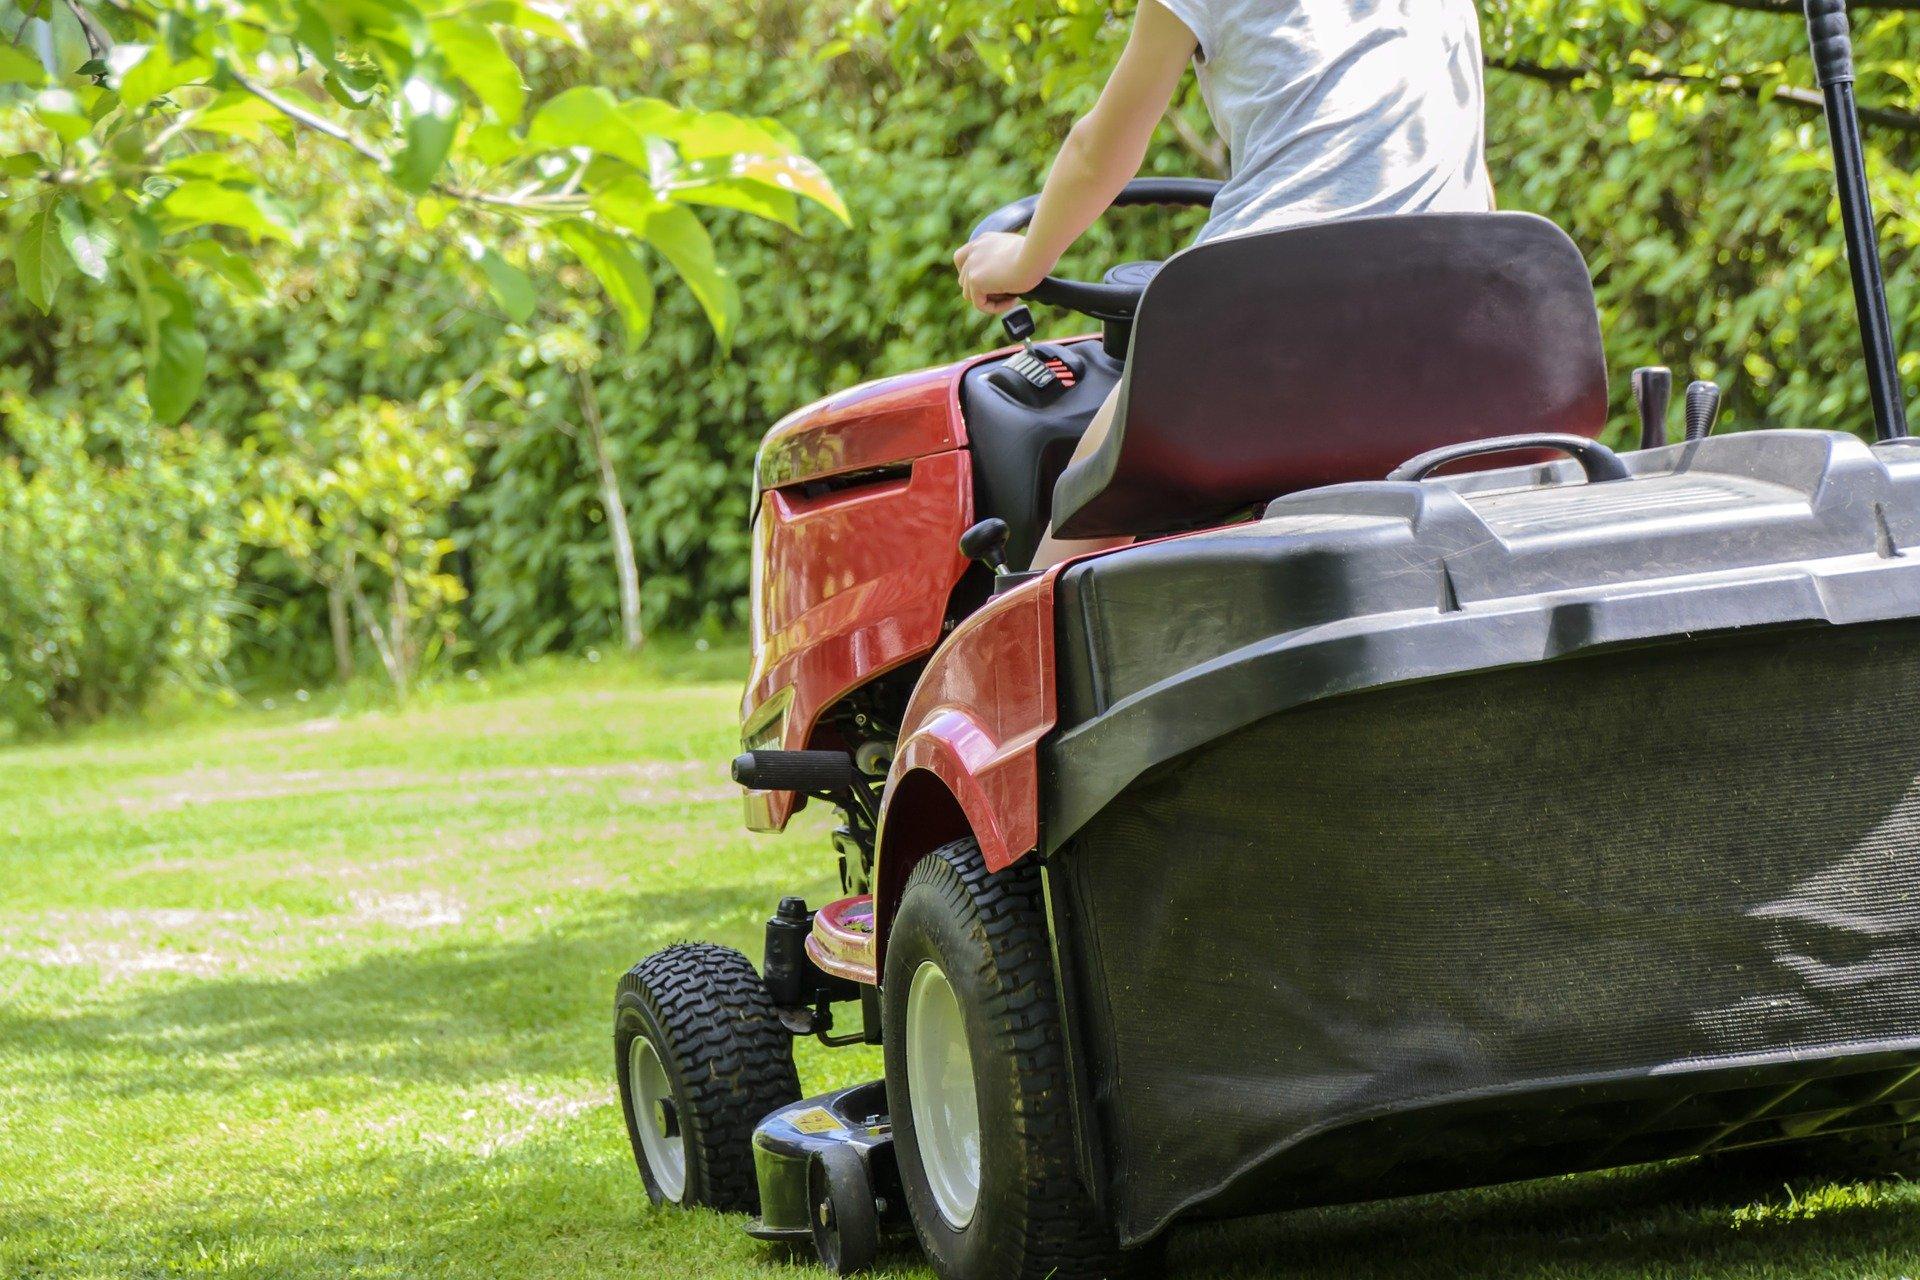 mowing the grass 1438159 1920 53 - latek oszukany przy zakupie traktora przez internet